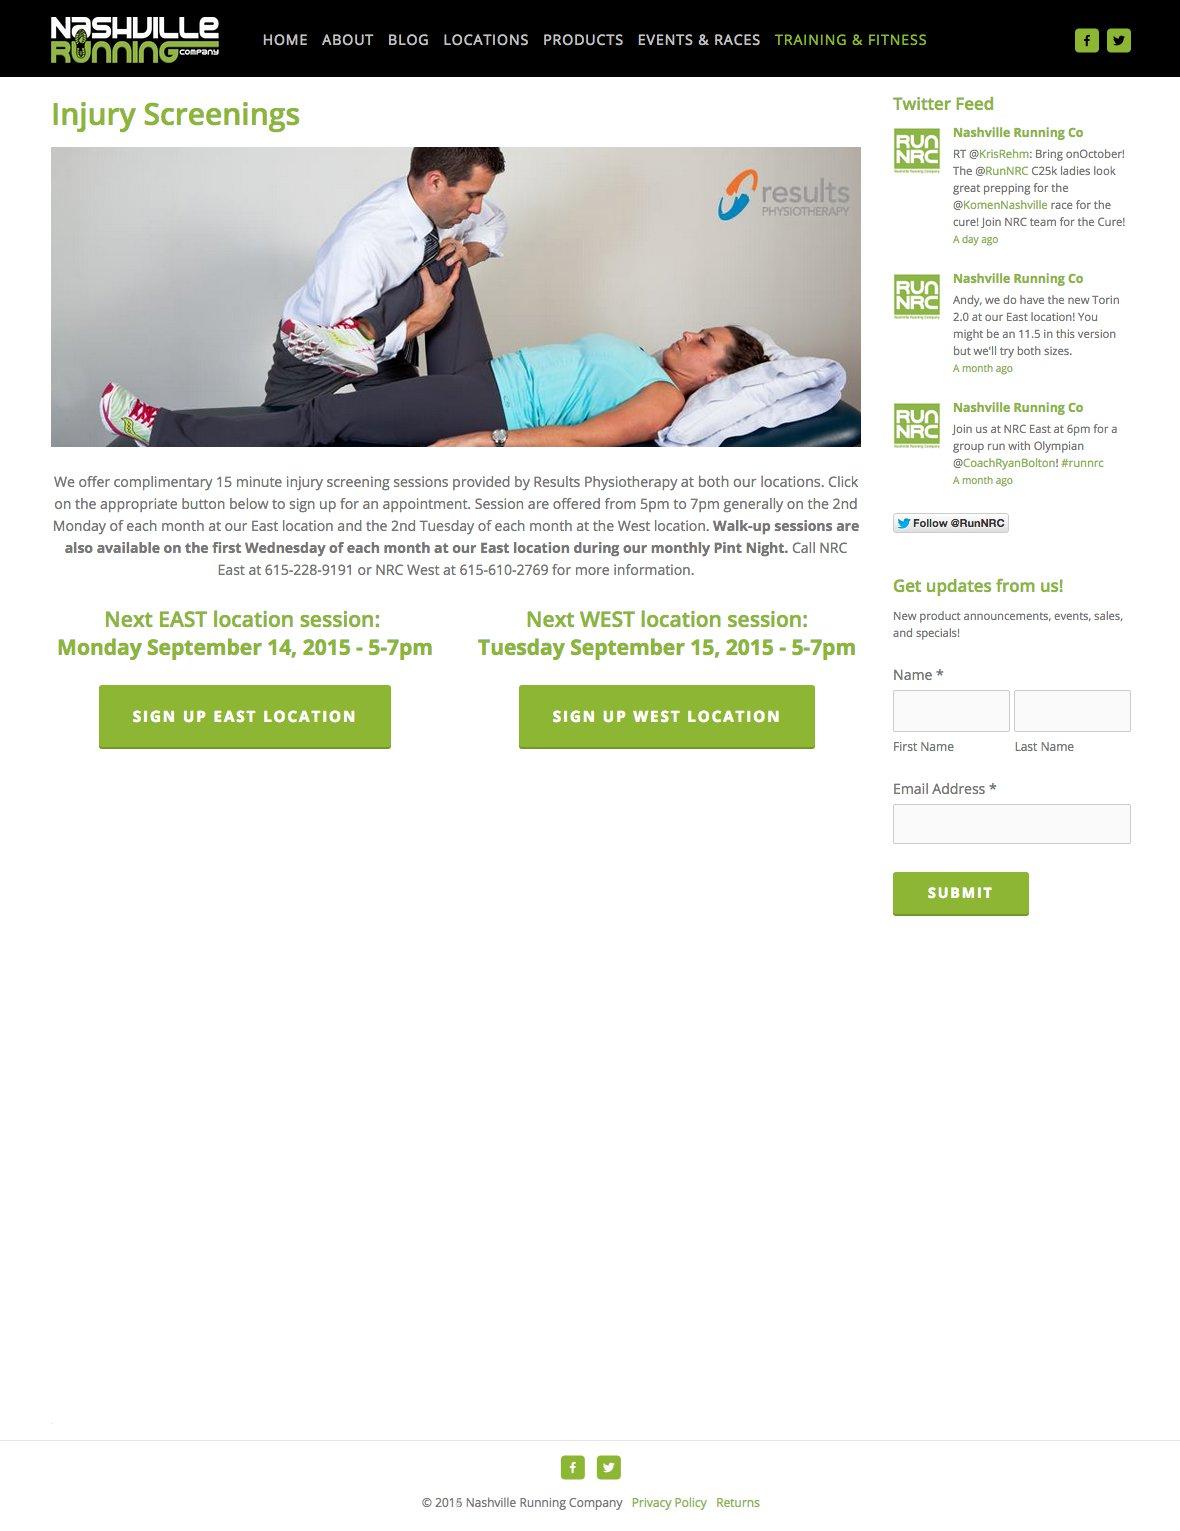 NRC_Website_03InjuryScreenings.jpg